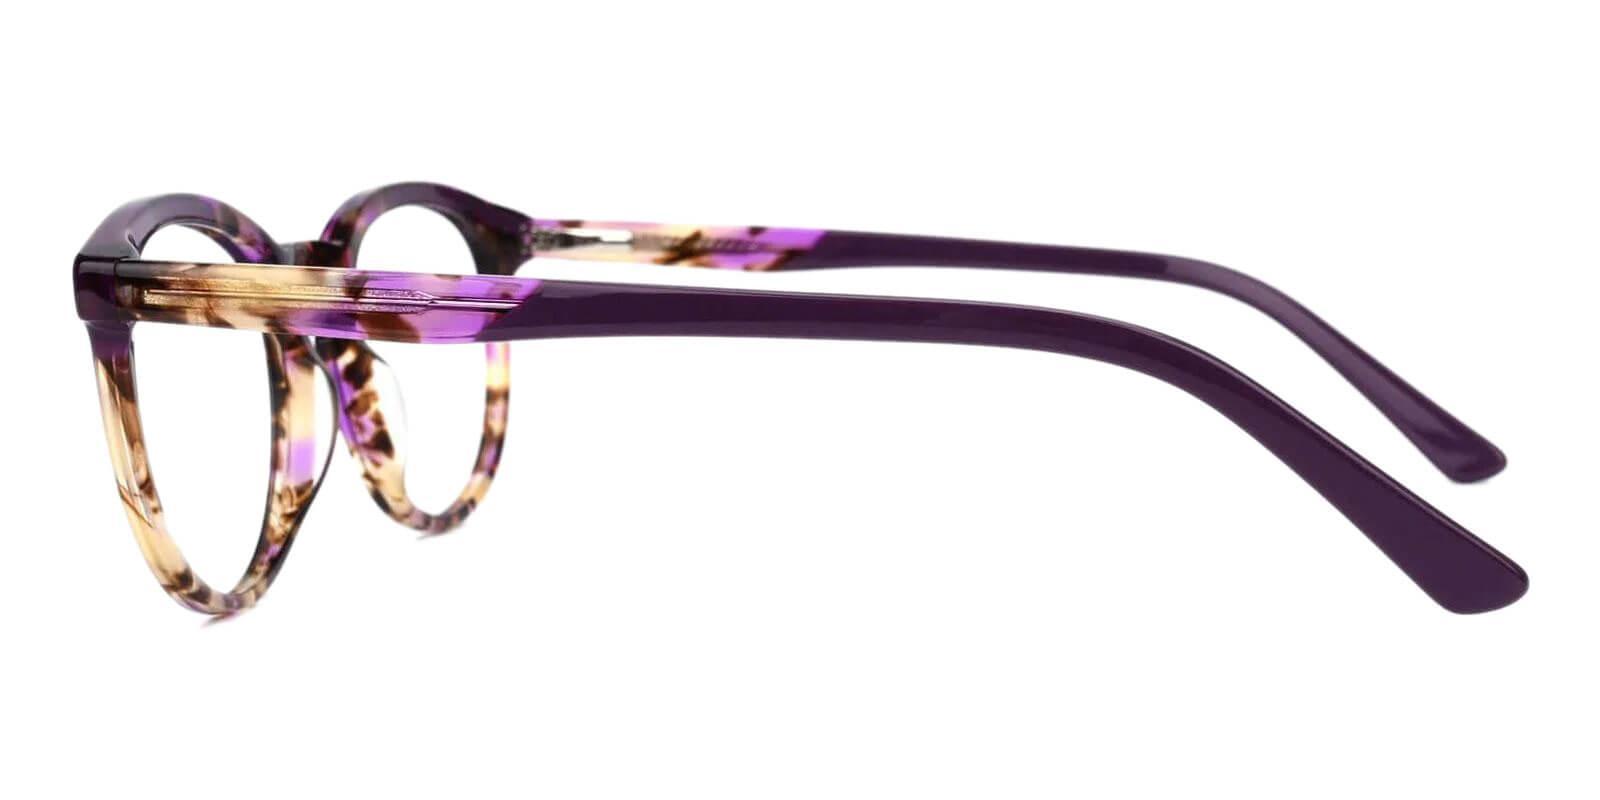 Innsbruck Purple Acetate Eyeglasses , UniversalBridgeFit Frames from ABBE Glasses